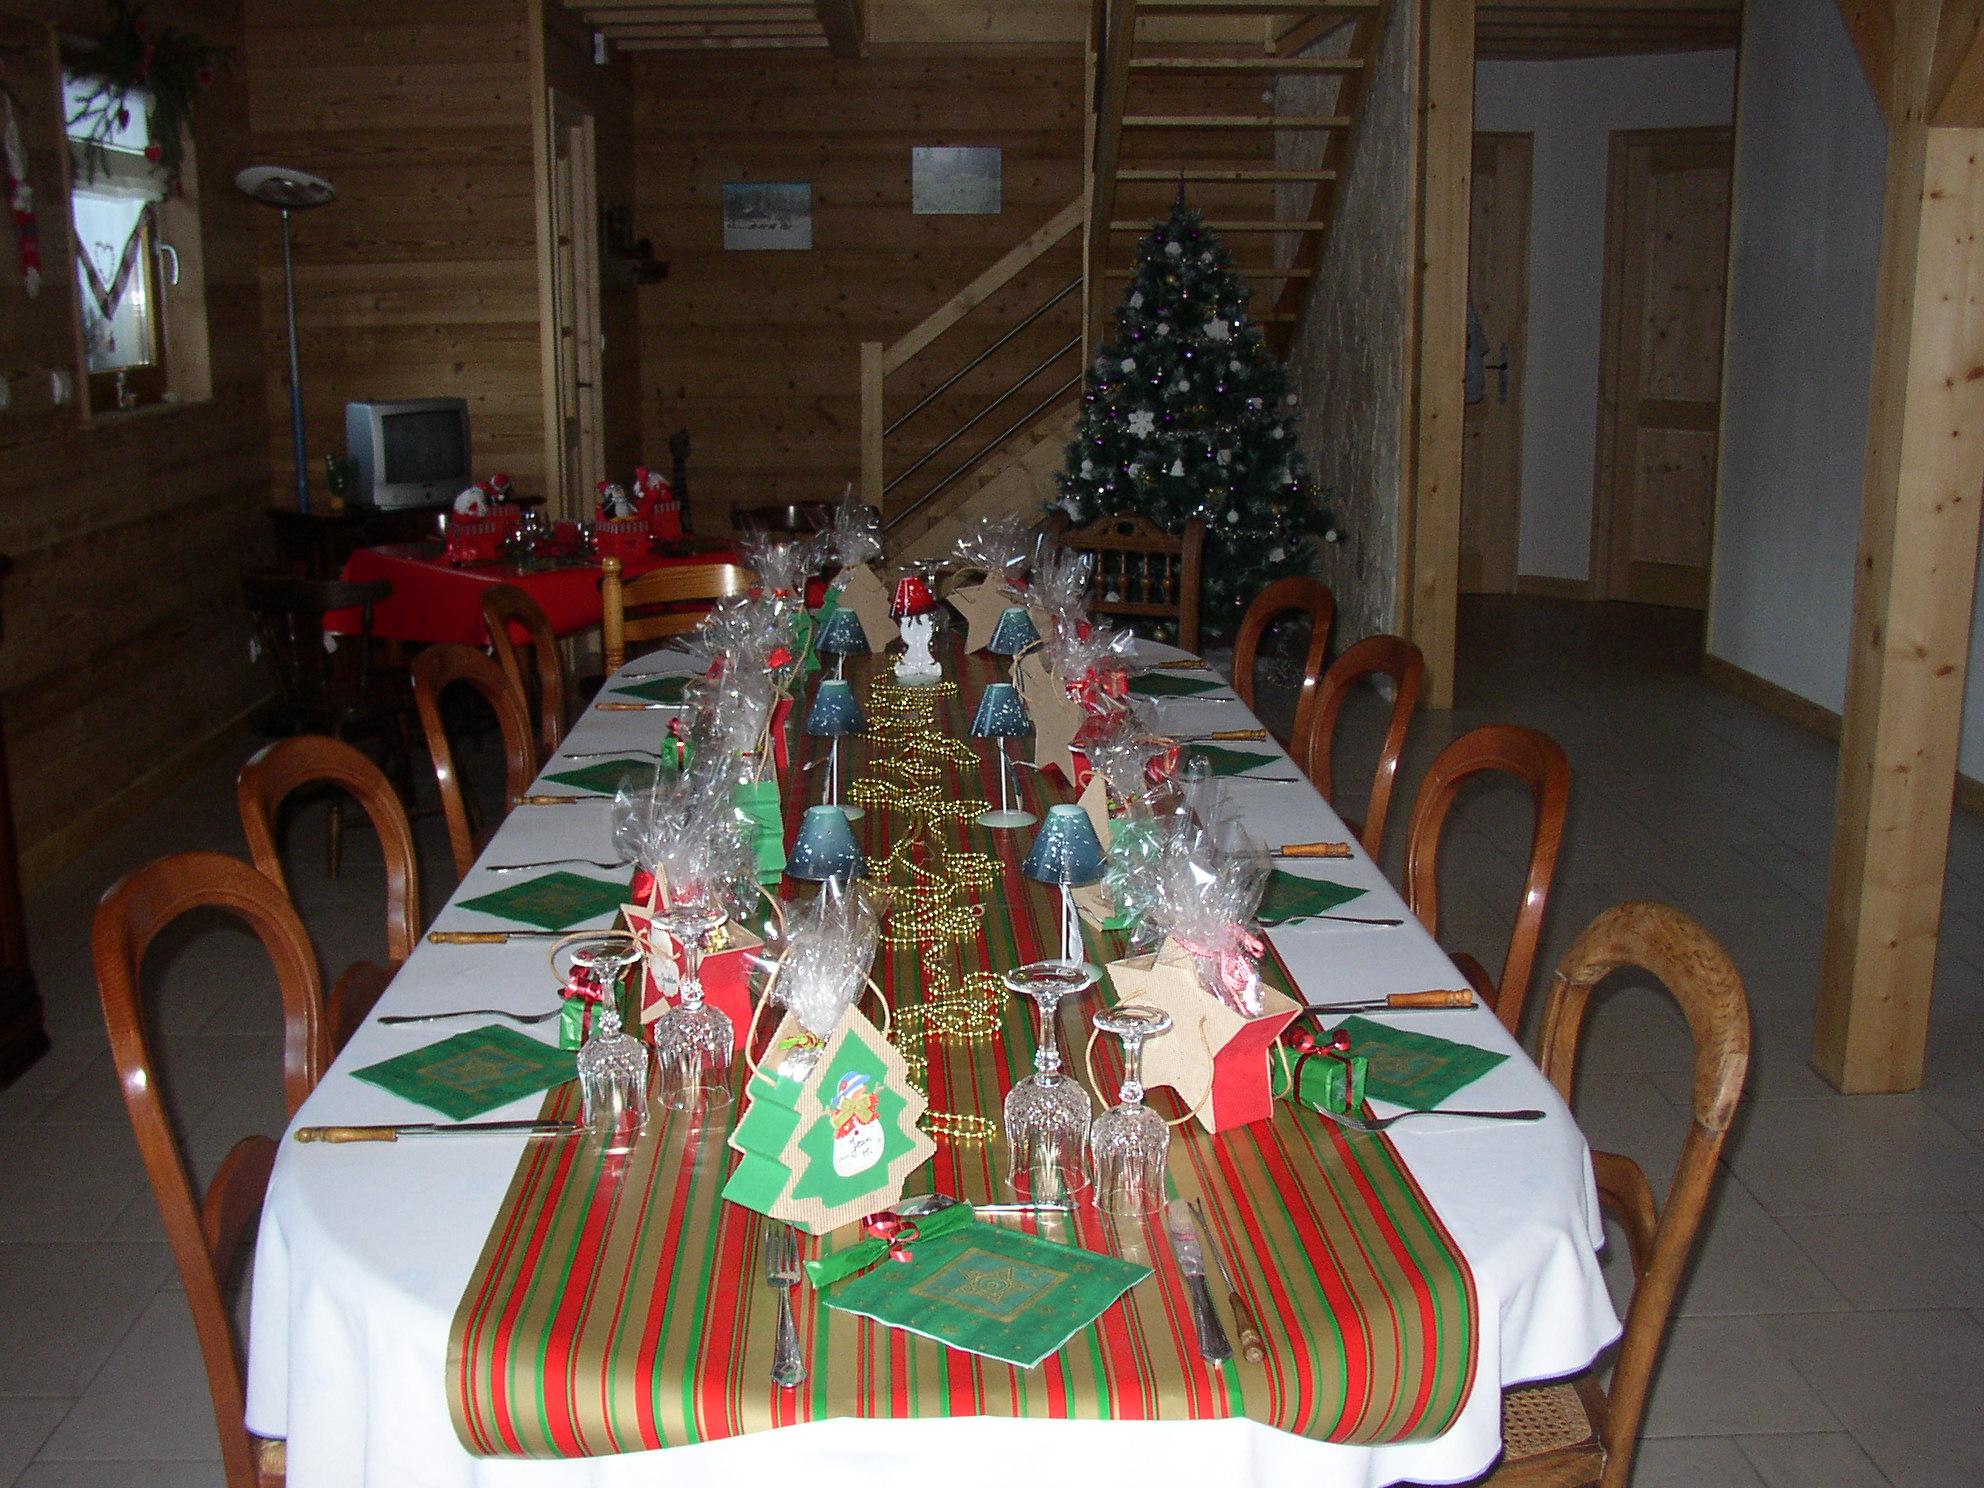 #A82325 Bricolage Pour Noël · Creation Brico Deco 5713 idée décoration noel classe 1984x1488 px @ aertt.com